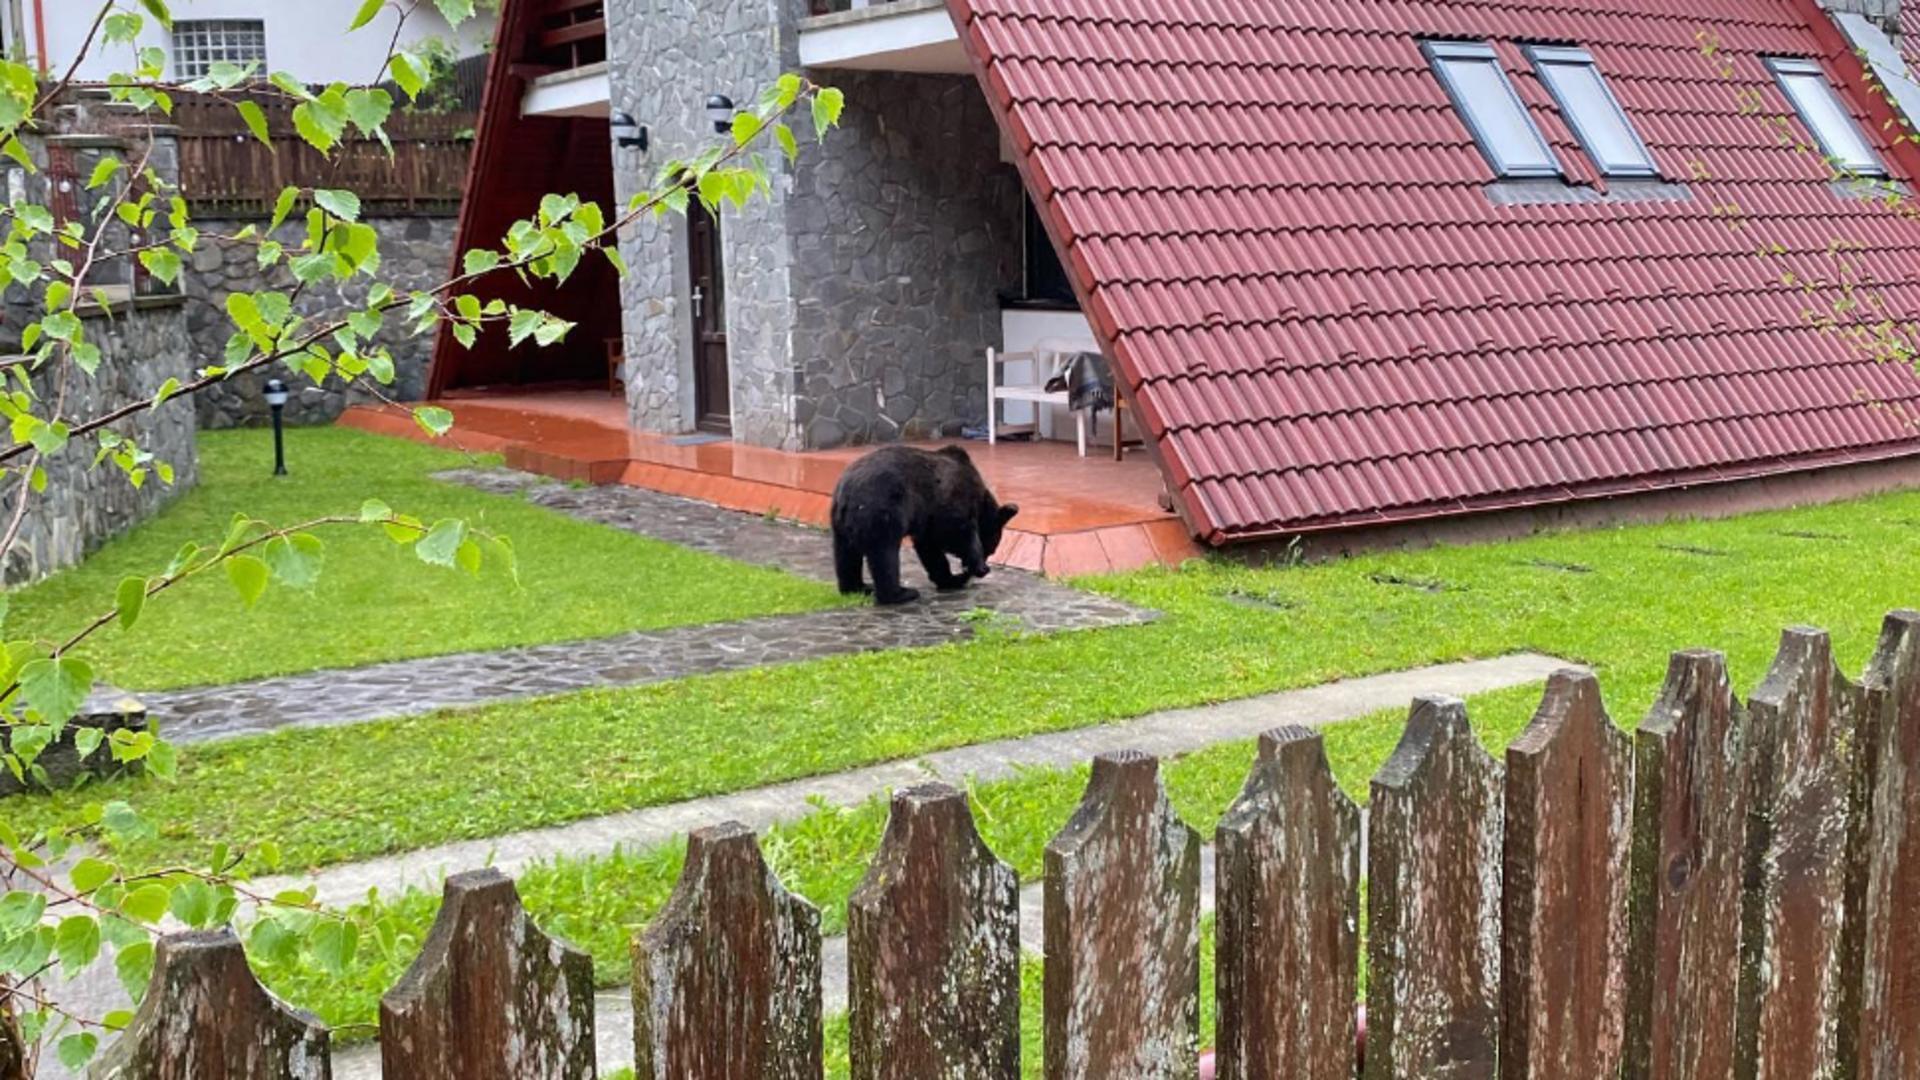 Un turist a fost surprins de jandarmi în timp ce hrănea un urs din mașină. Foto/Facebook.